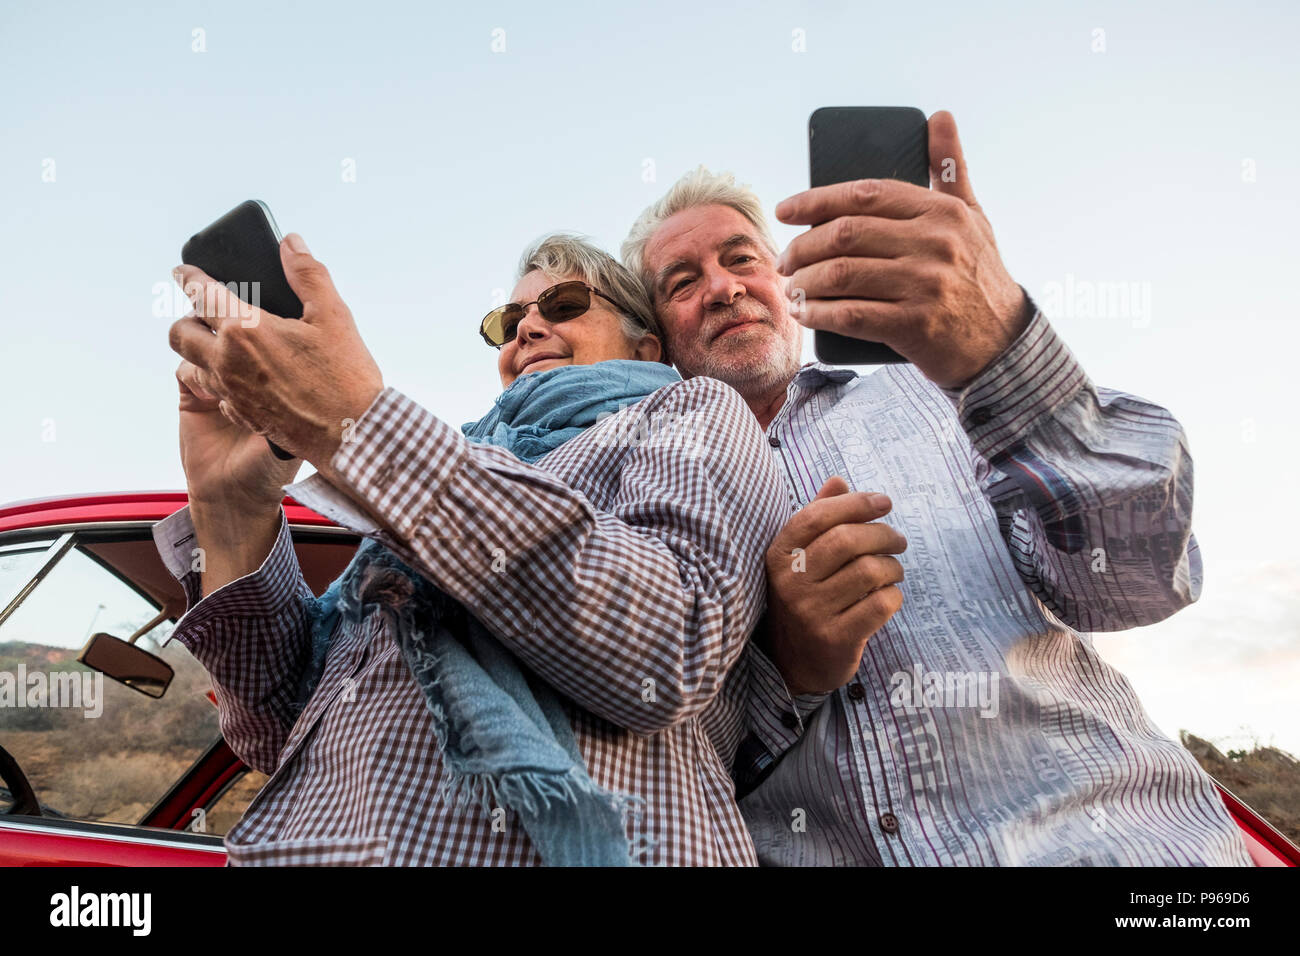 Autre point de vue du fond pour les jeunes gens de race blanche couple using smartphone pour prendre des photos et de se connecter à internet. un voyage Photo Stock